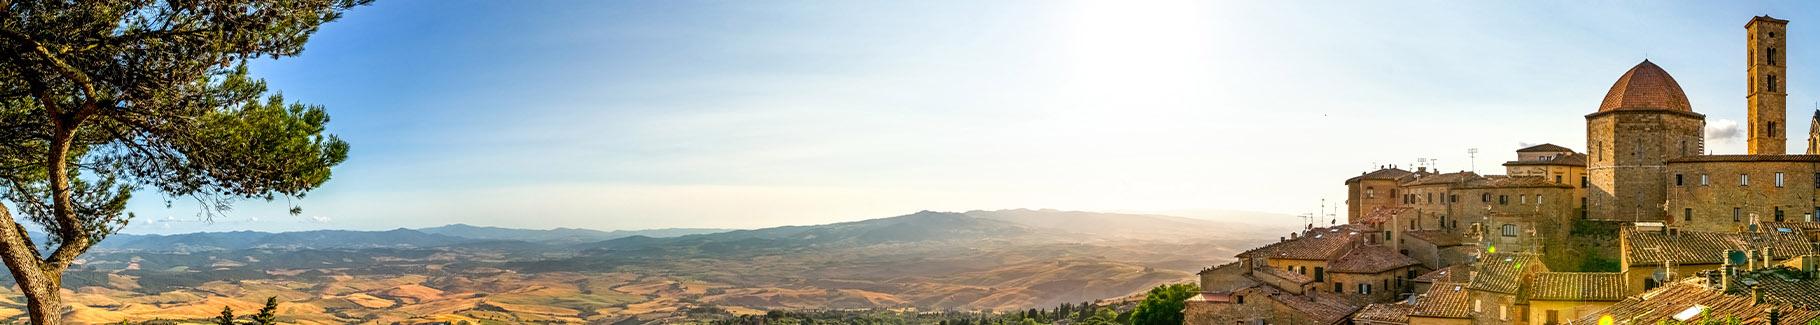 Panoramiczny obraz z widokiem na Toskanię